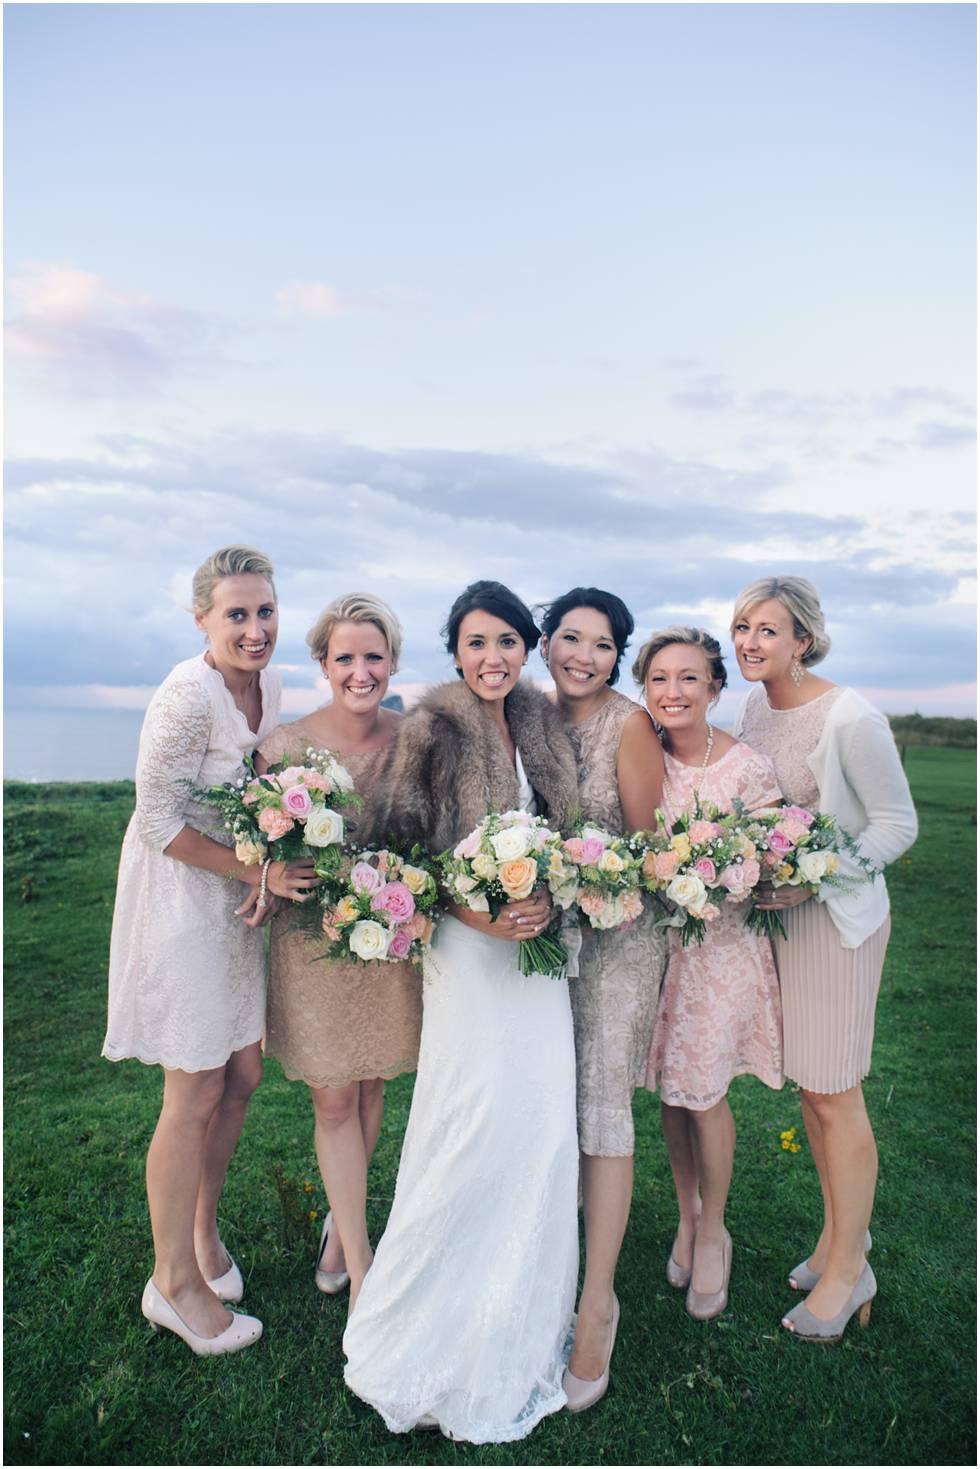 Wedding-photography-Tyninghame-East-Lothian-72.jpg